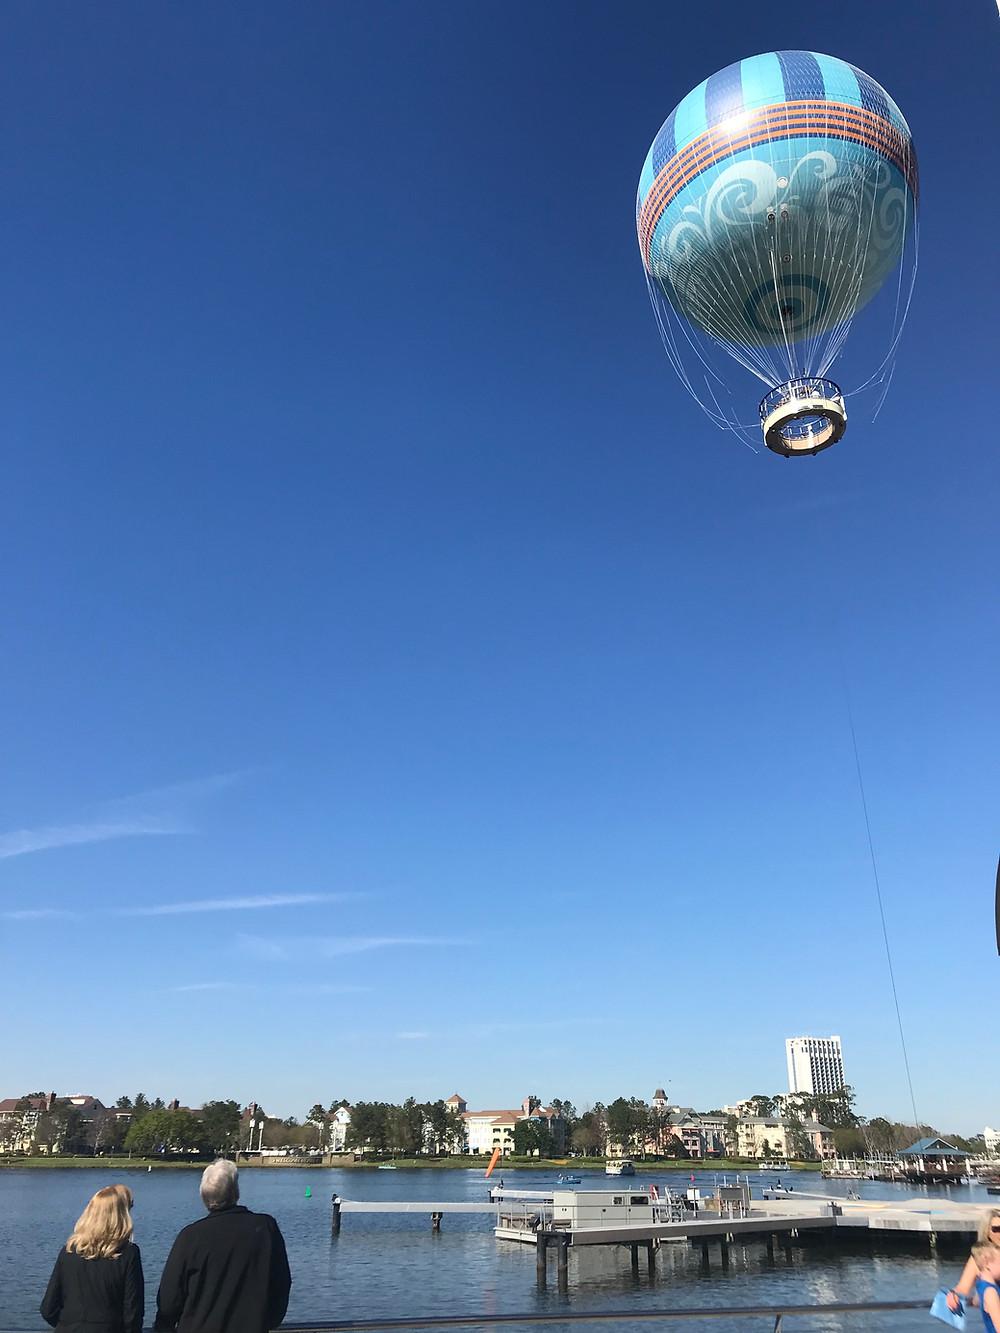 Hot Air Balloon Ride at Disney Springs by Kita the Explorer